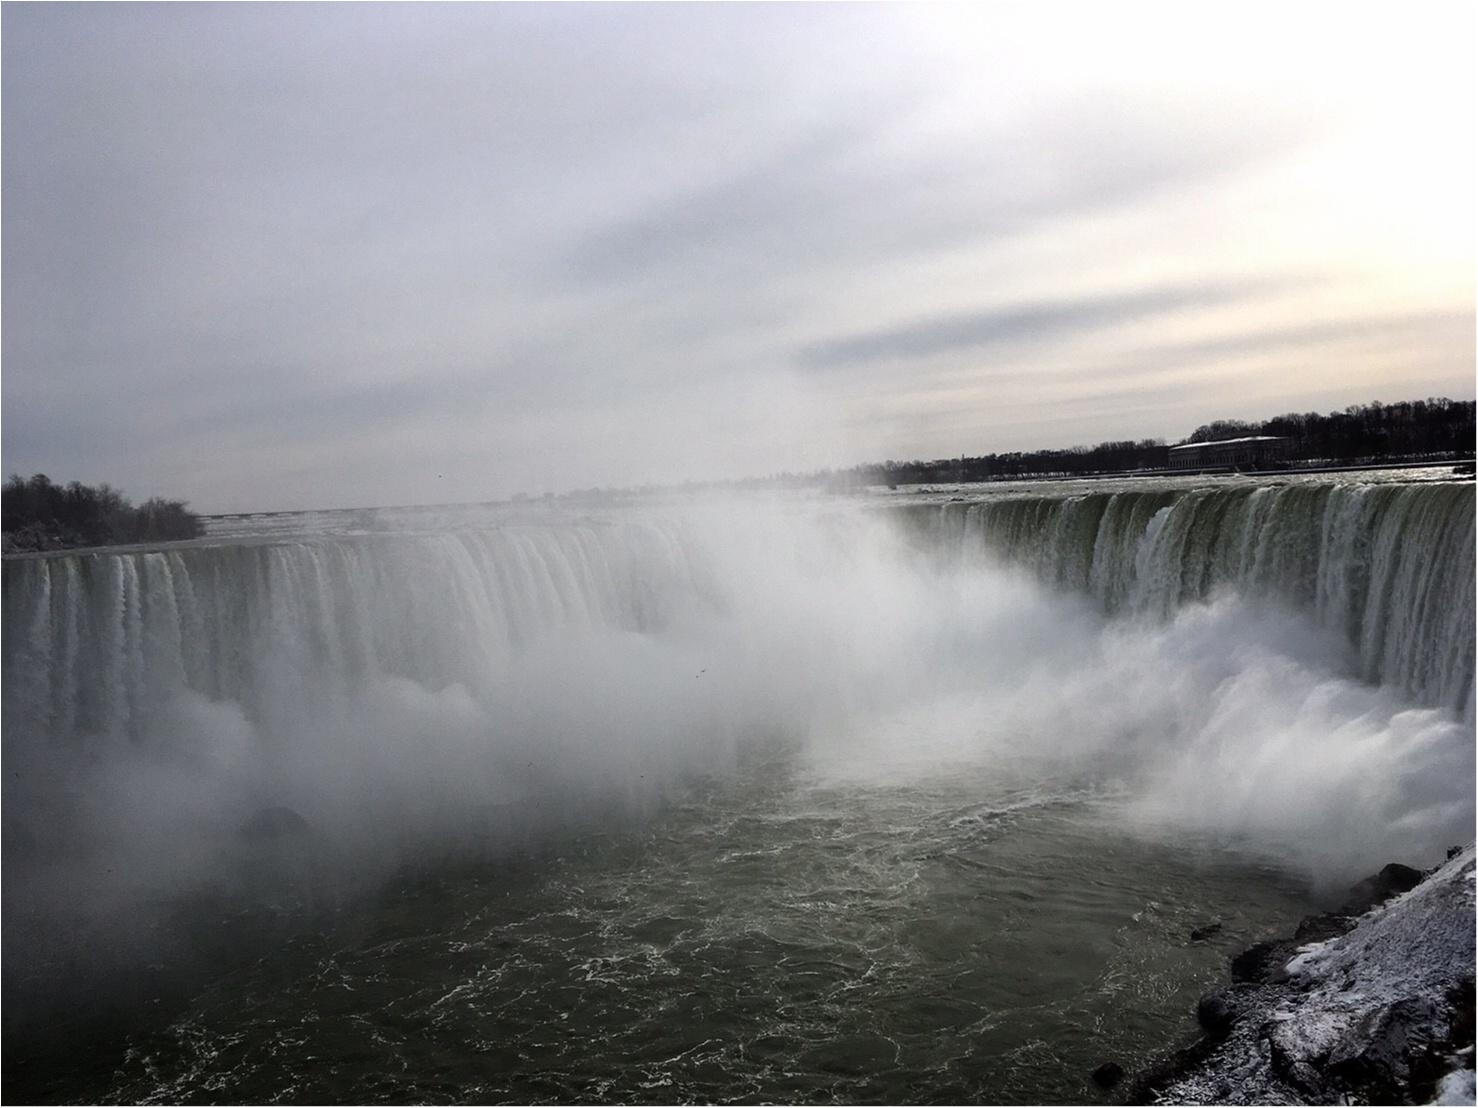 【現地レポート】大晦日は心洗われるナイアガラの滝へ_10